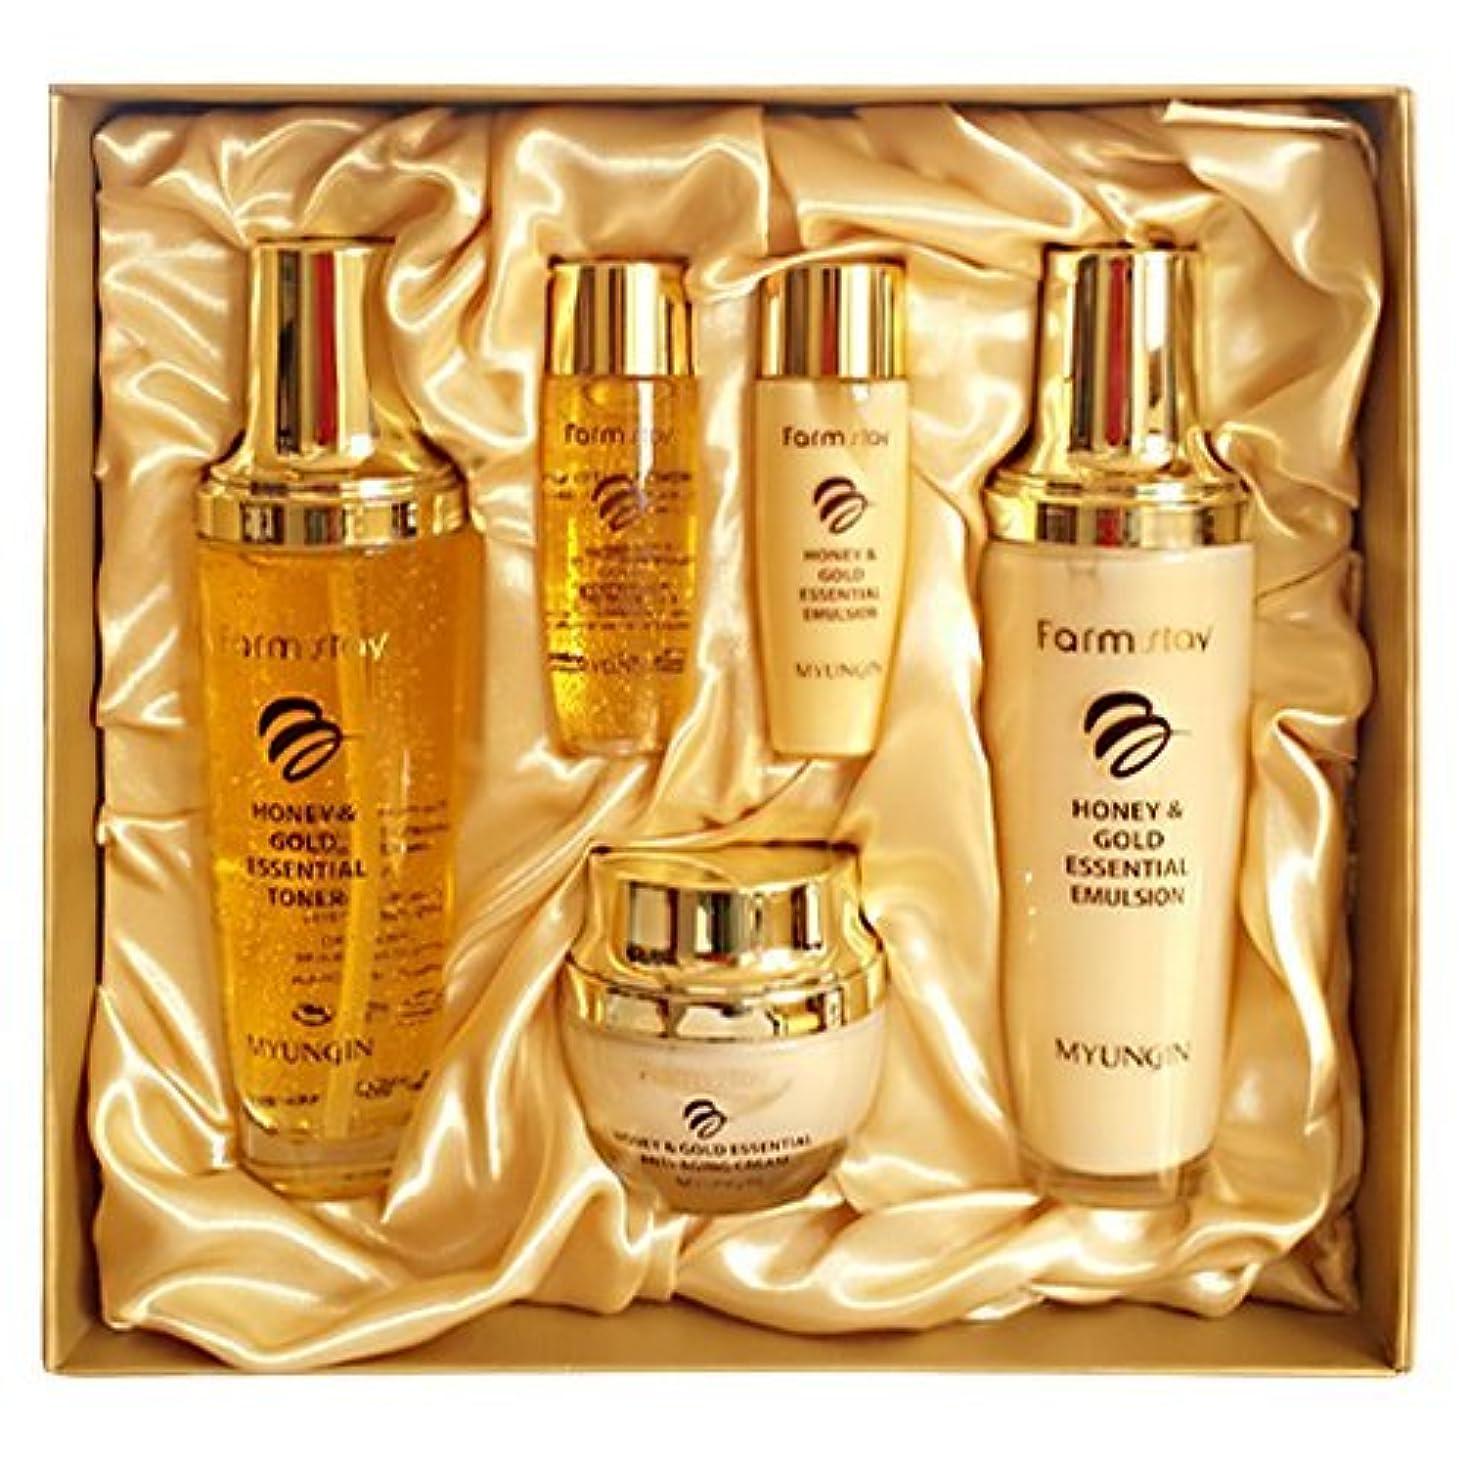 ネズミ重要な役割を果たす、中心的な手段となるビタミンファームステイ[韓国コスメFarm Stay]Honey & Gold Essential Skin Care 3set ハニーゴールドエッセンシャルスキンケア3セット [並行輸入品]